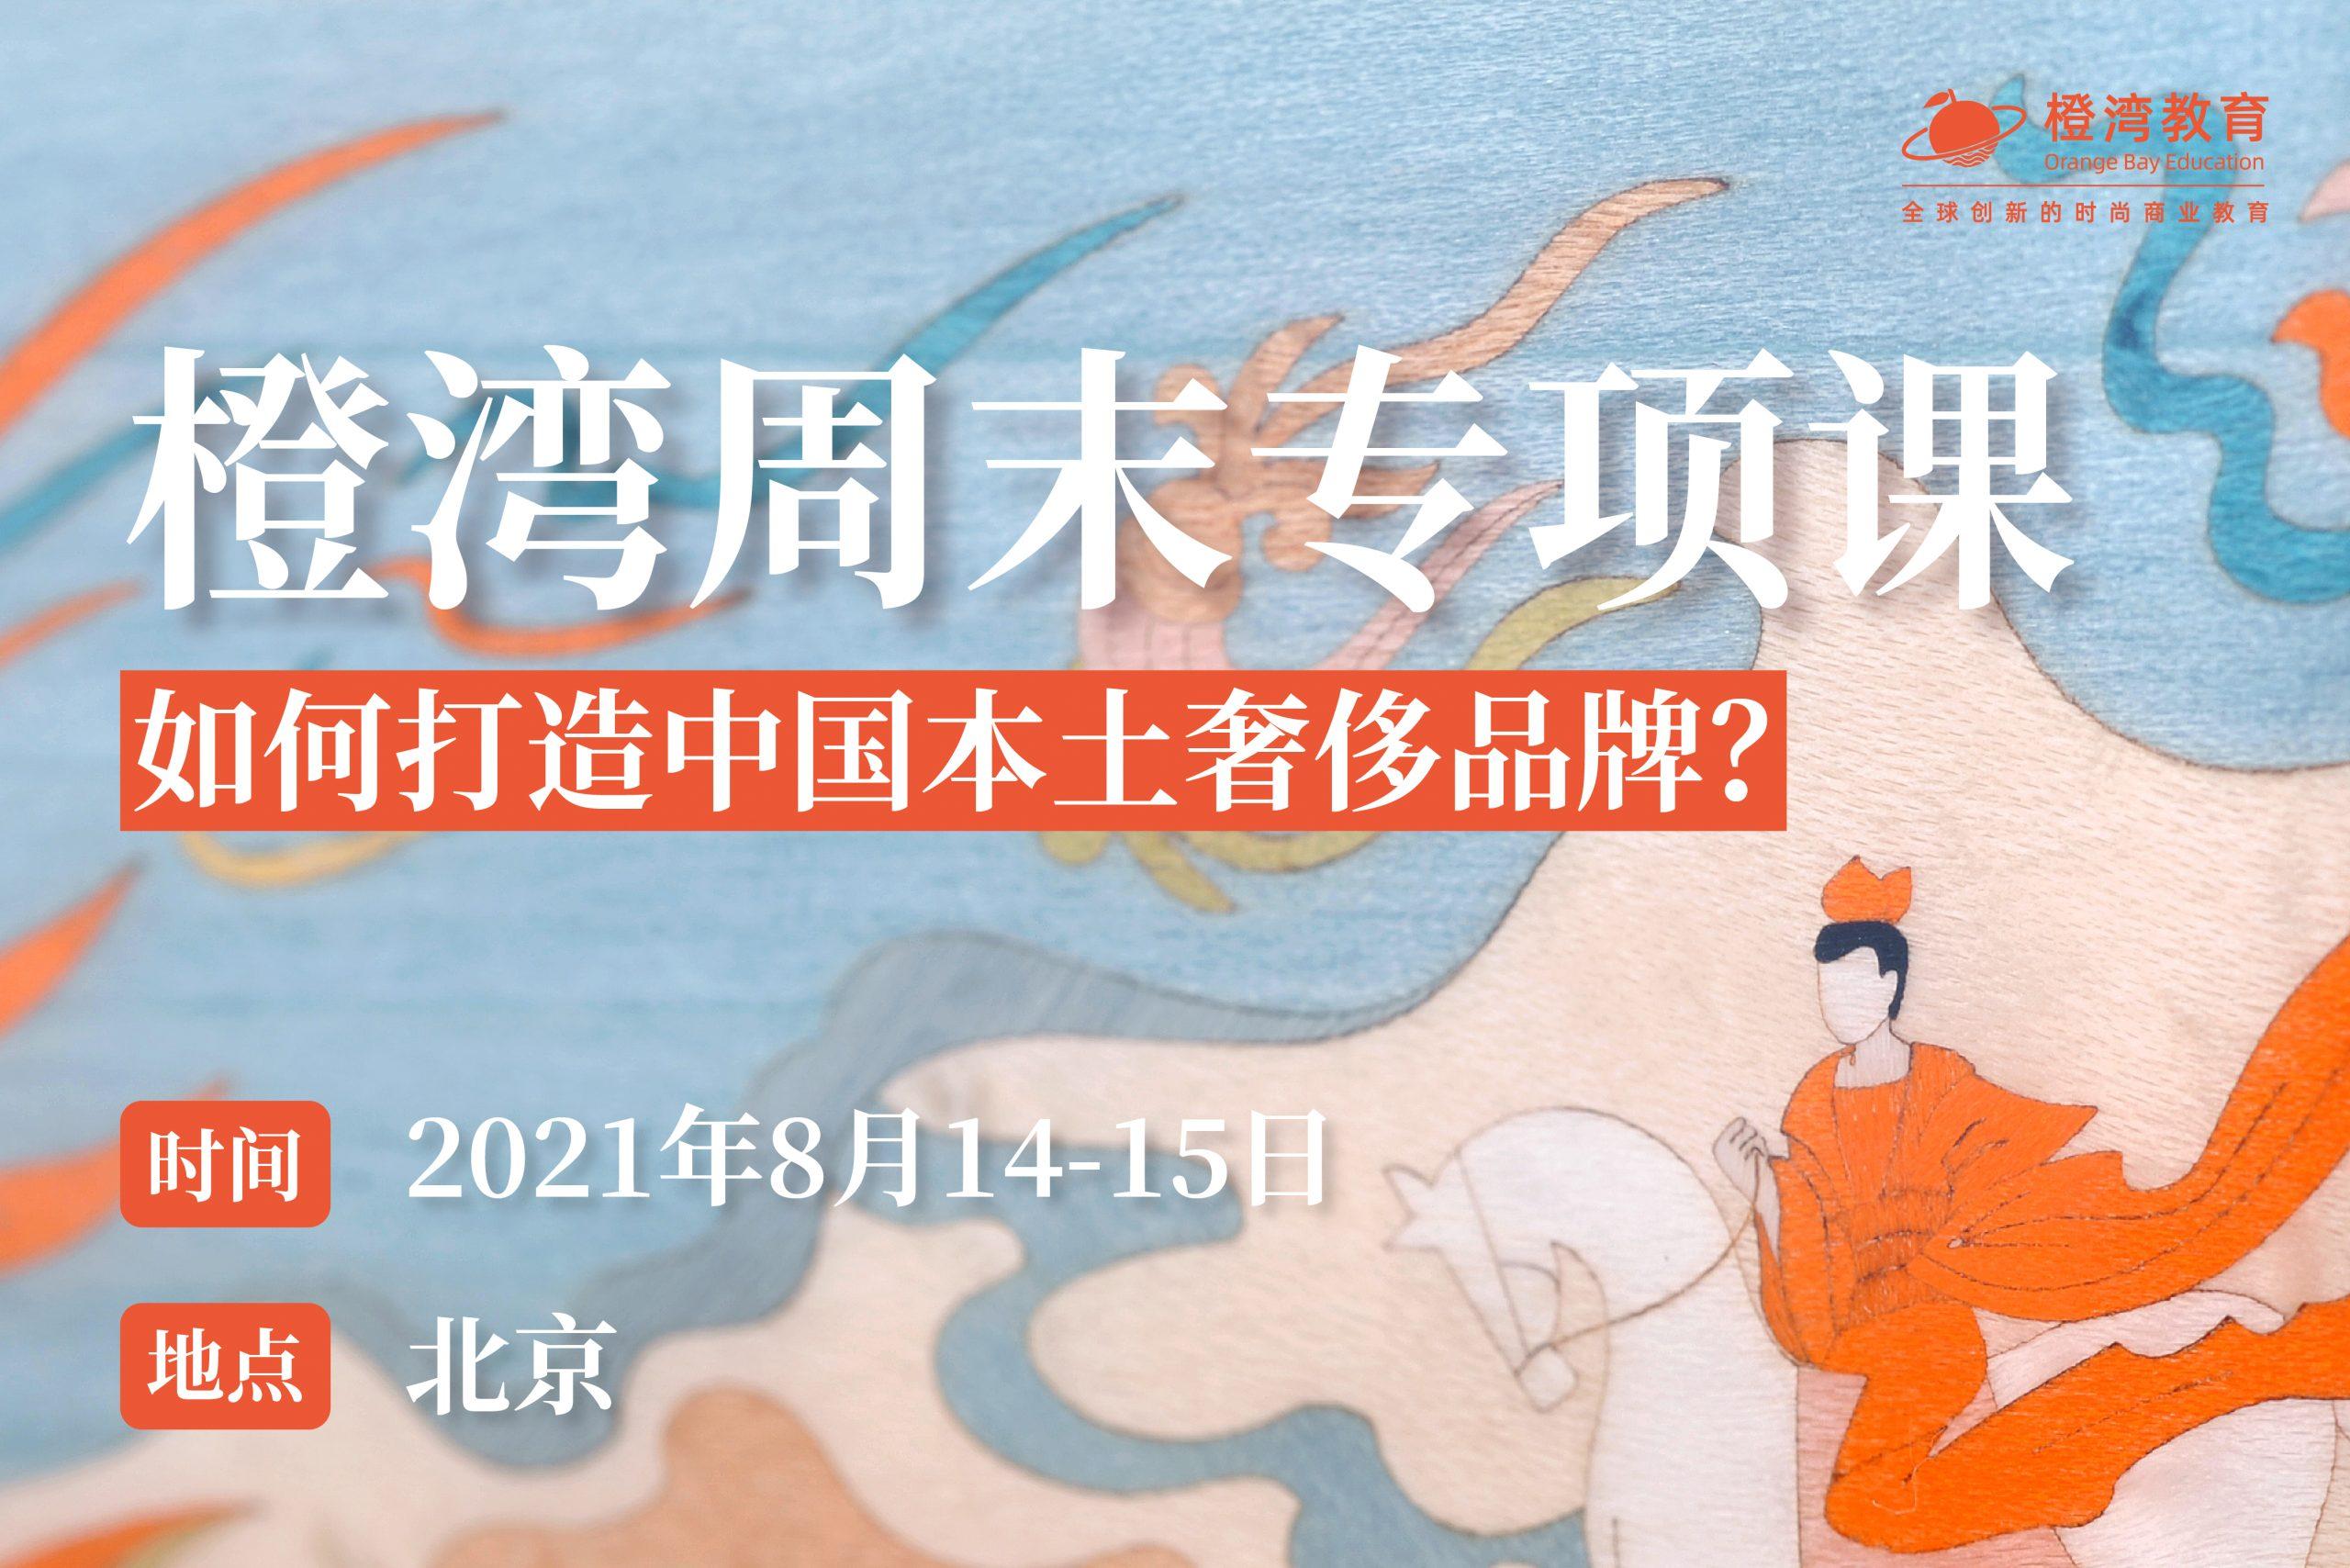 报名|橙湾专项课:如何打造中国本土奢侈品牌?(8月14日-15日,北京)